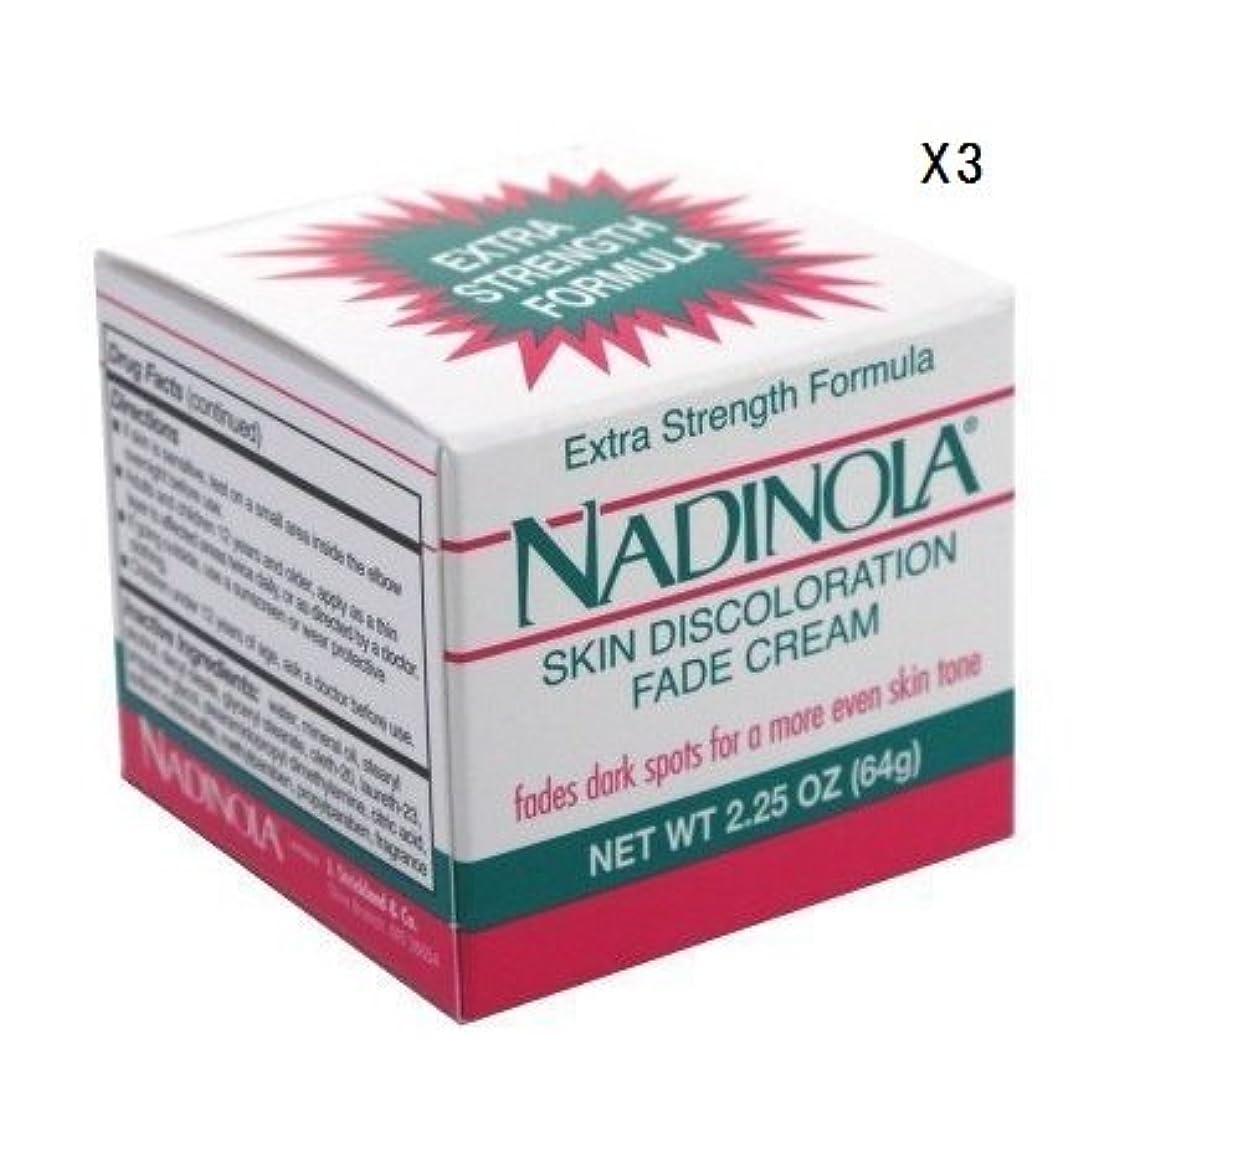 吸い込む端末生じる(海外直送品)強力美白クリーム (64g)ナディノラ Nadolina Skin Bleach - Extra Strength 2.25 Oz. (Pack of 3) by Nadinola